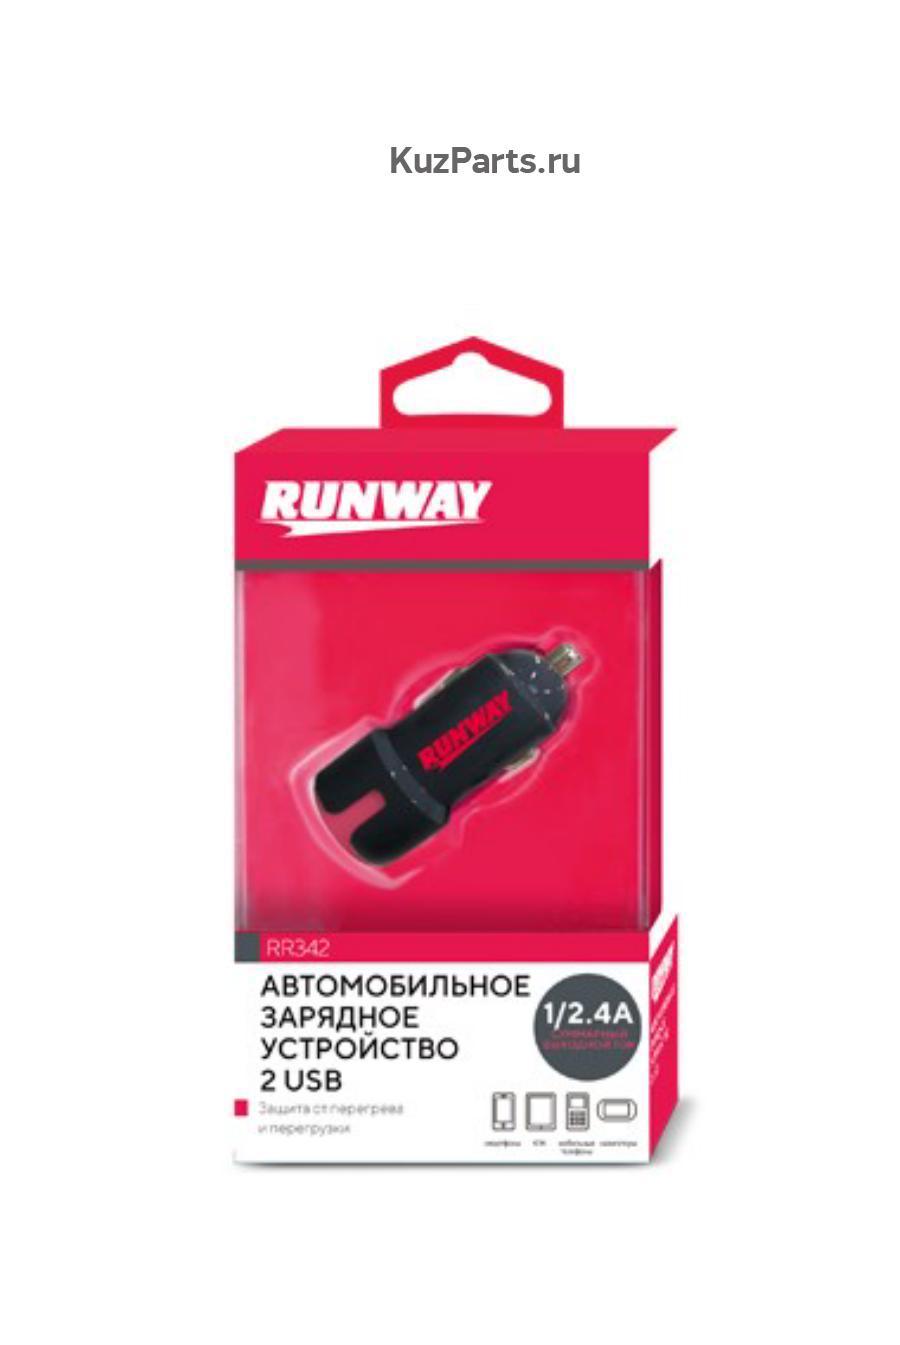 Автомобильное зарядное устройство, 2 USB, 1/2.4А, черный